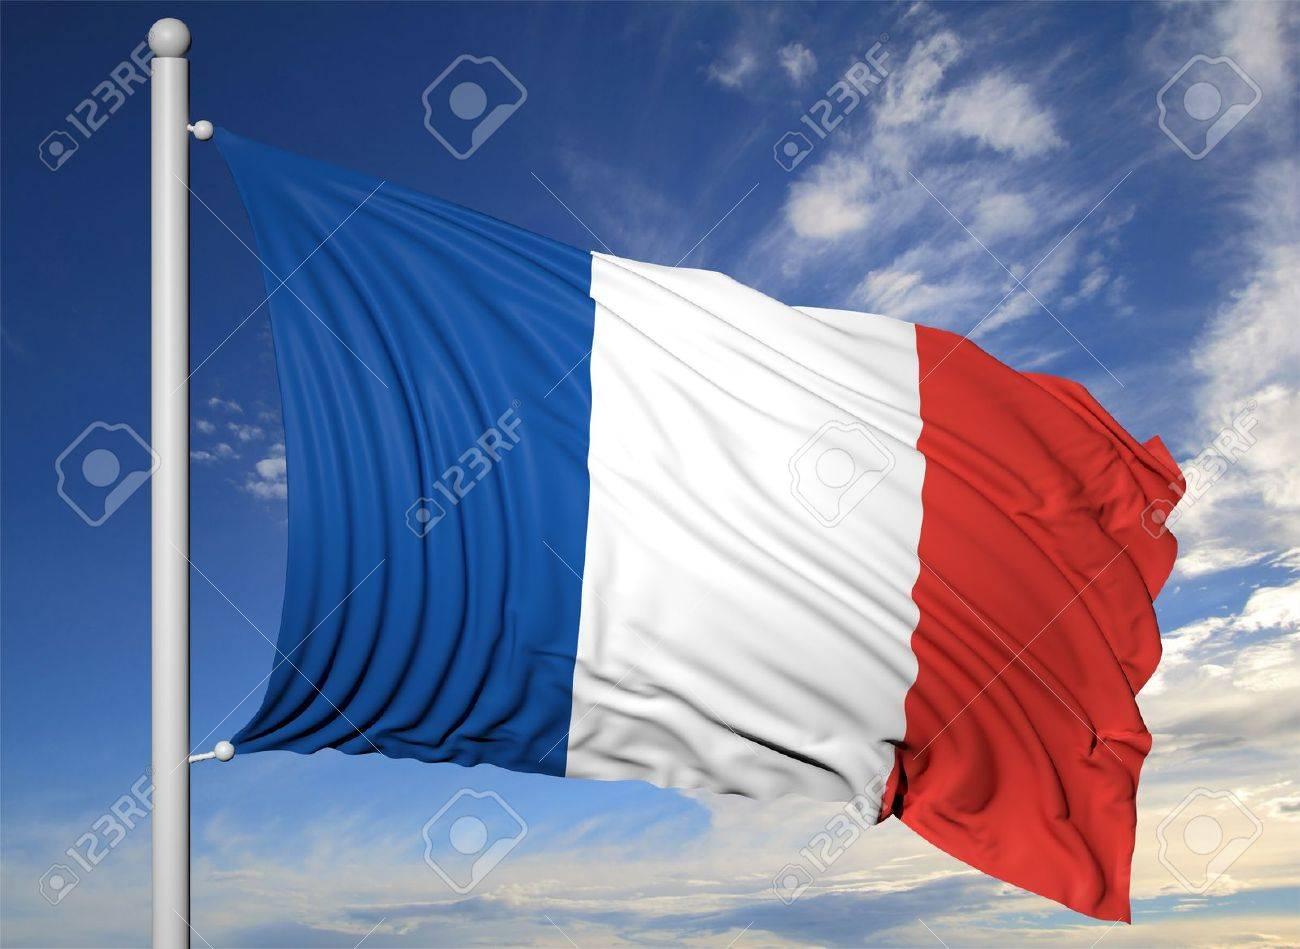 Waving flag of France on flagpole, on blue sky background. Stock Photo - 44876295